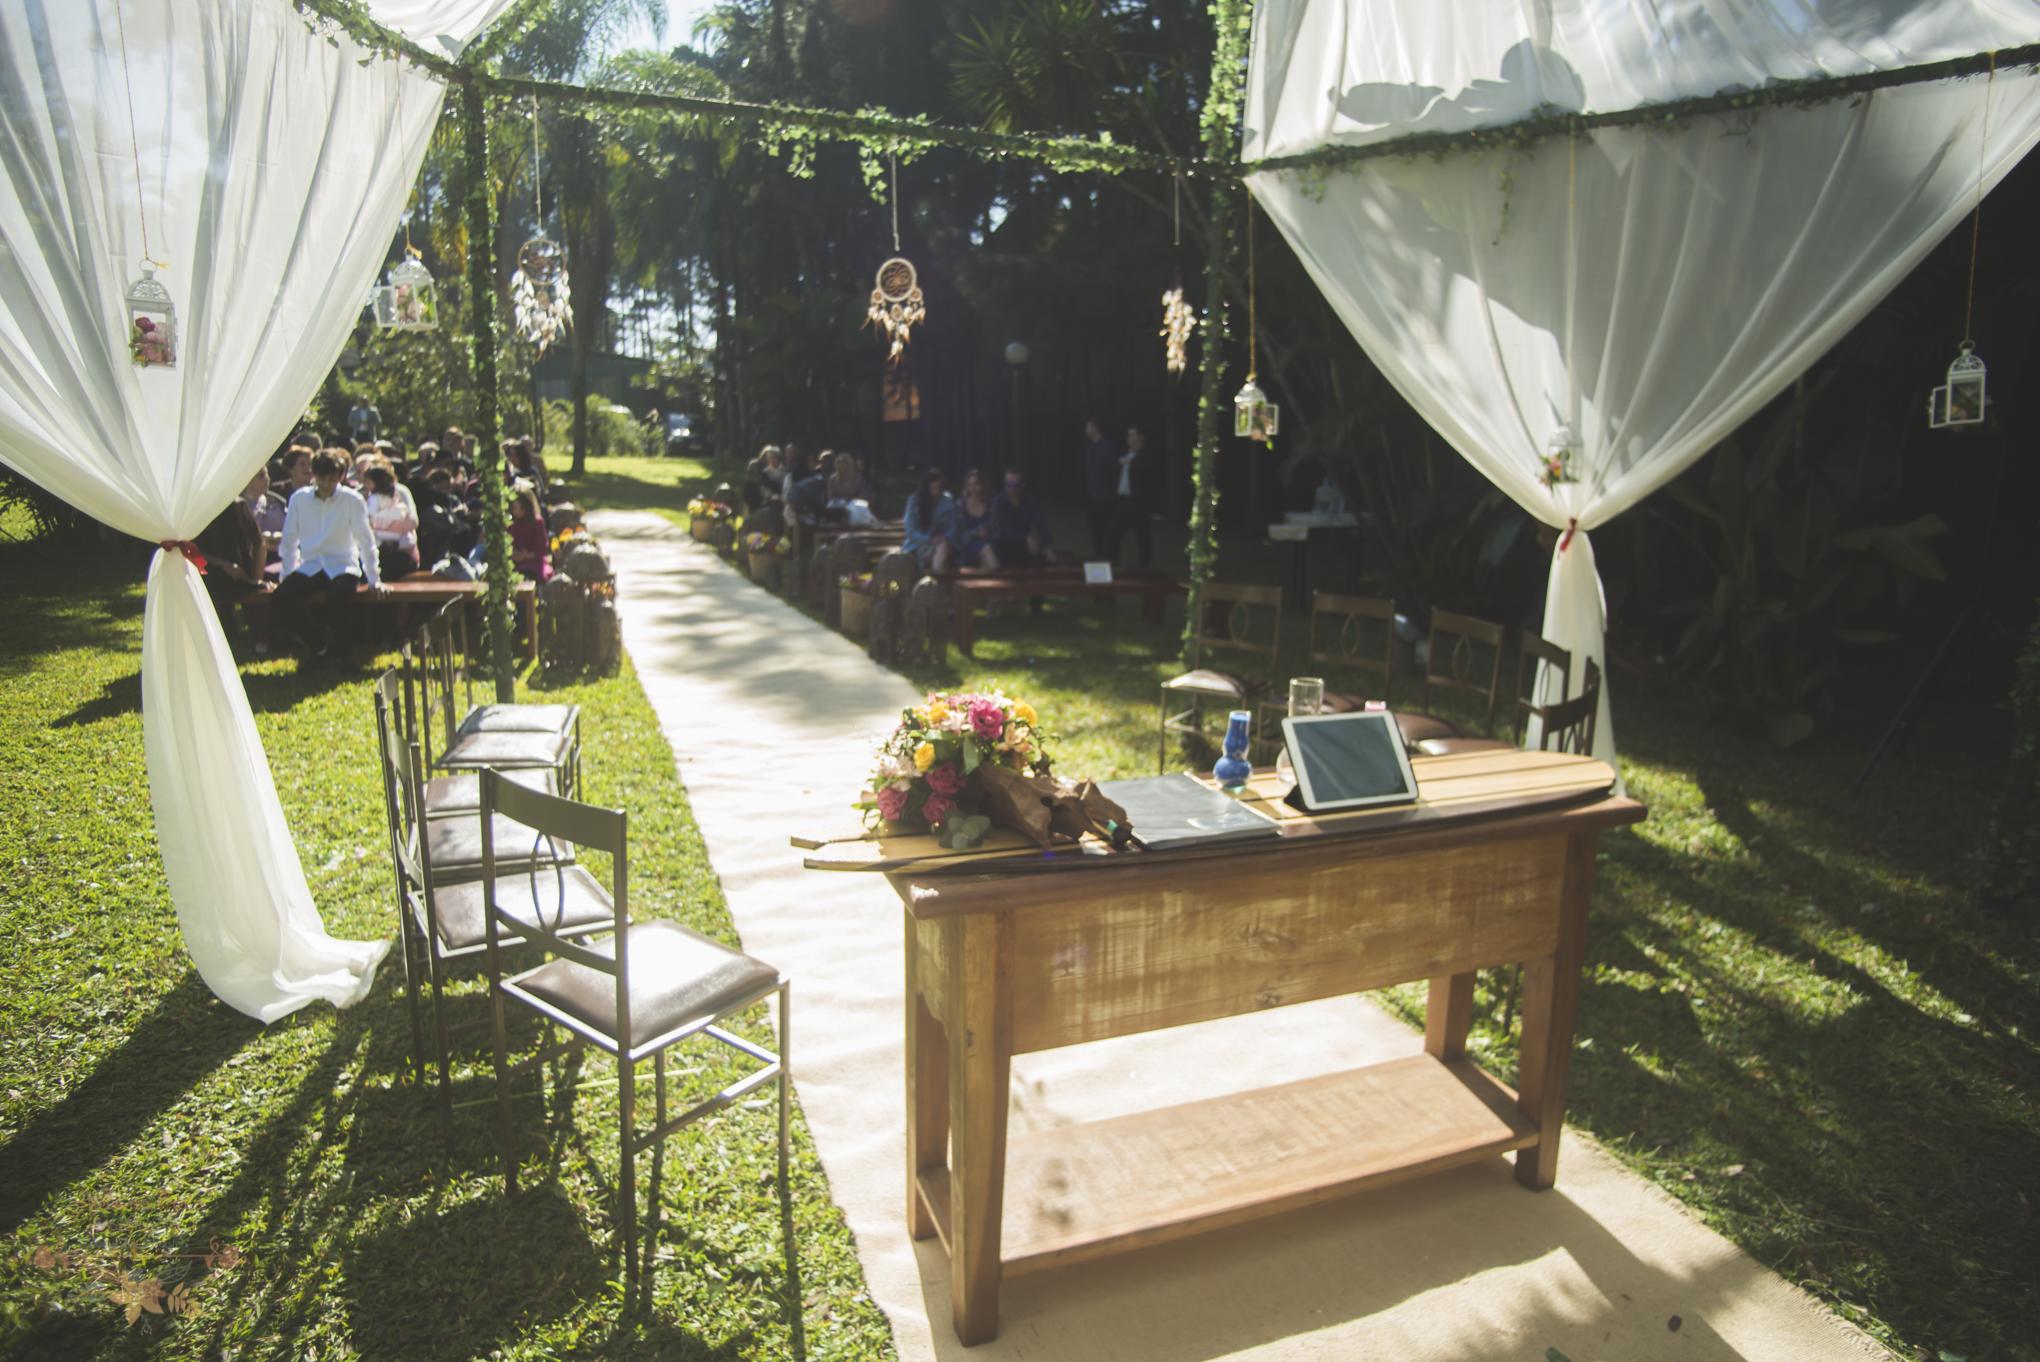 04-Cerimonia-Atelie-na-Praia-Nadine-Carlos-Casamento-9455